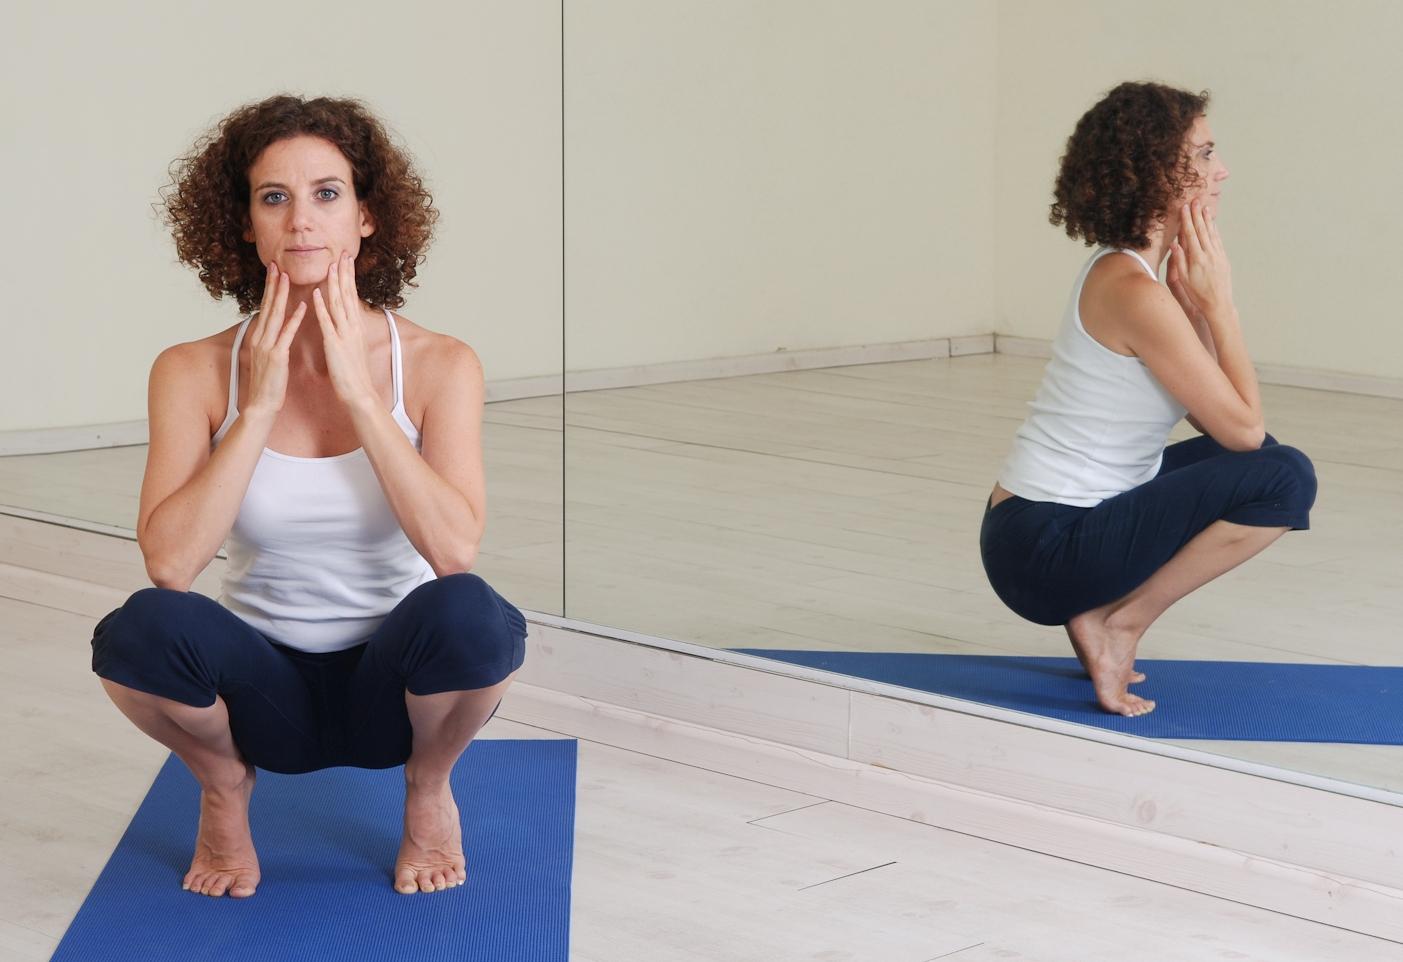 Сидеть на корточках — полезно для здоровья